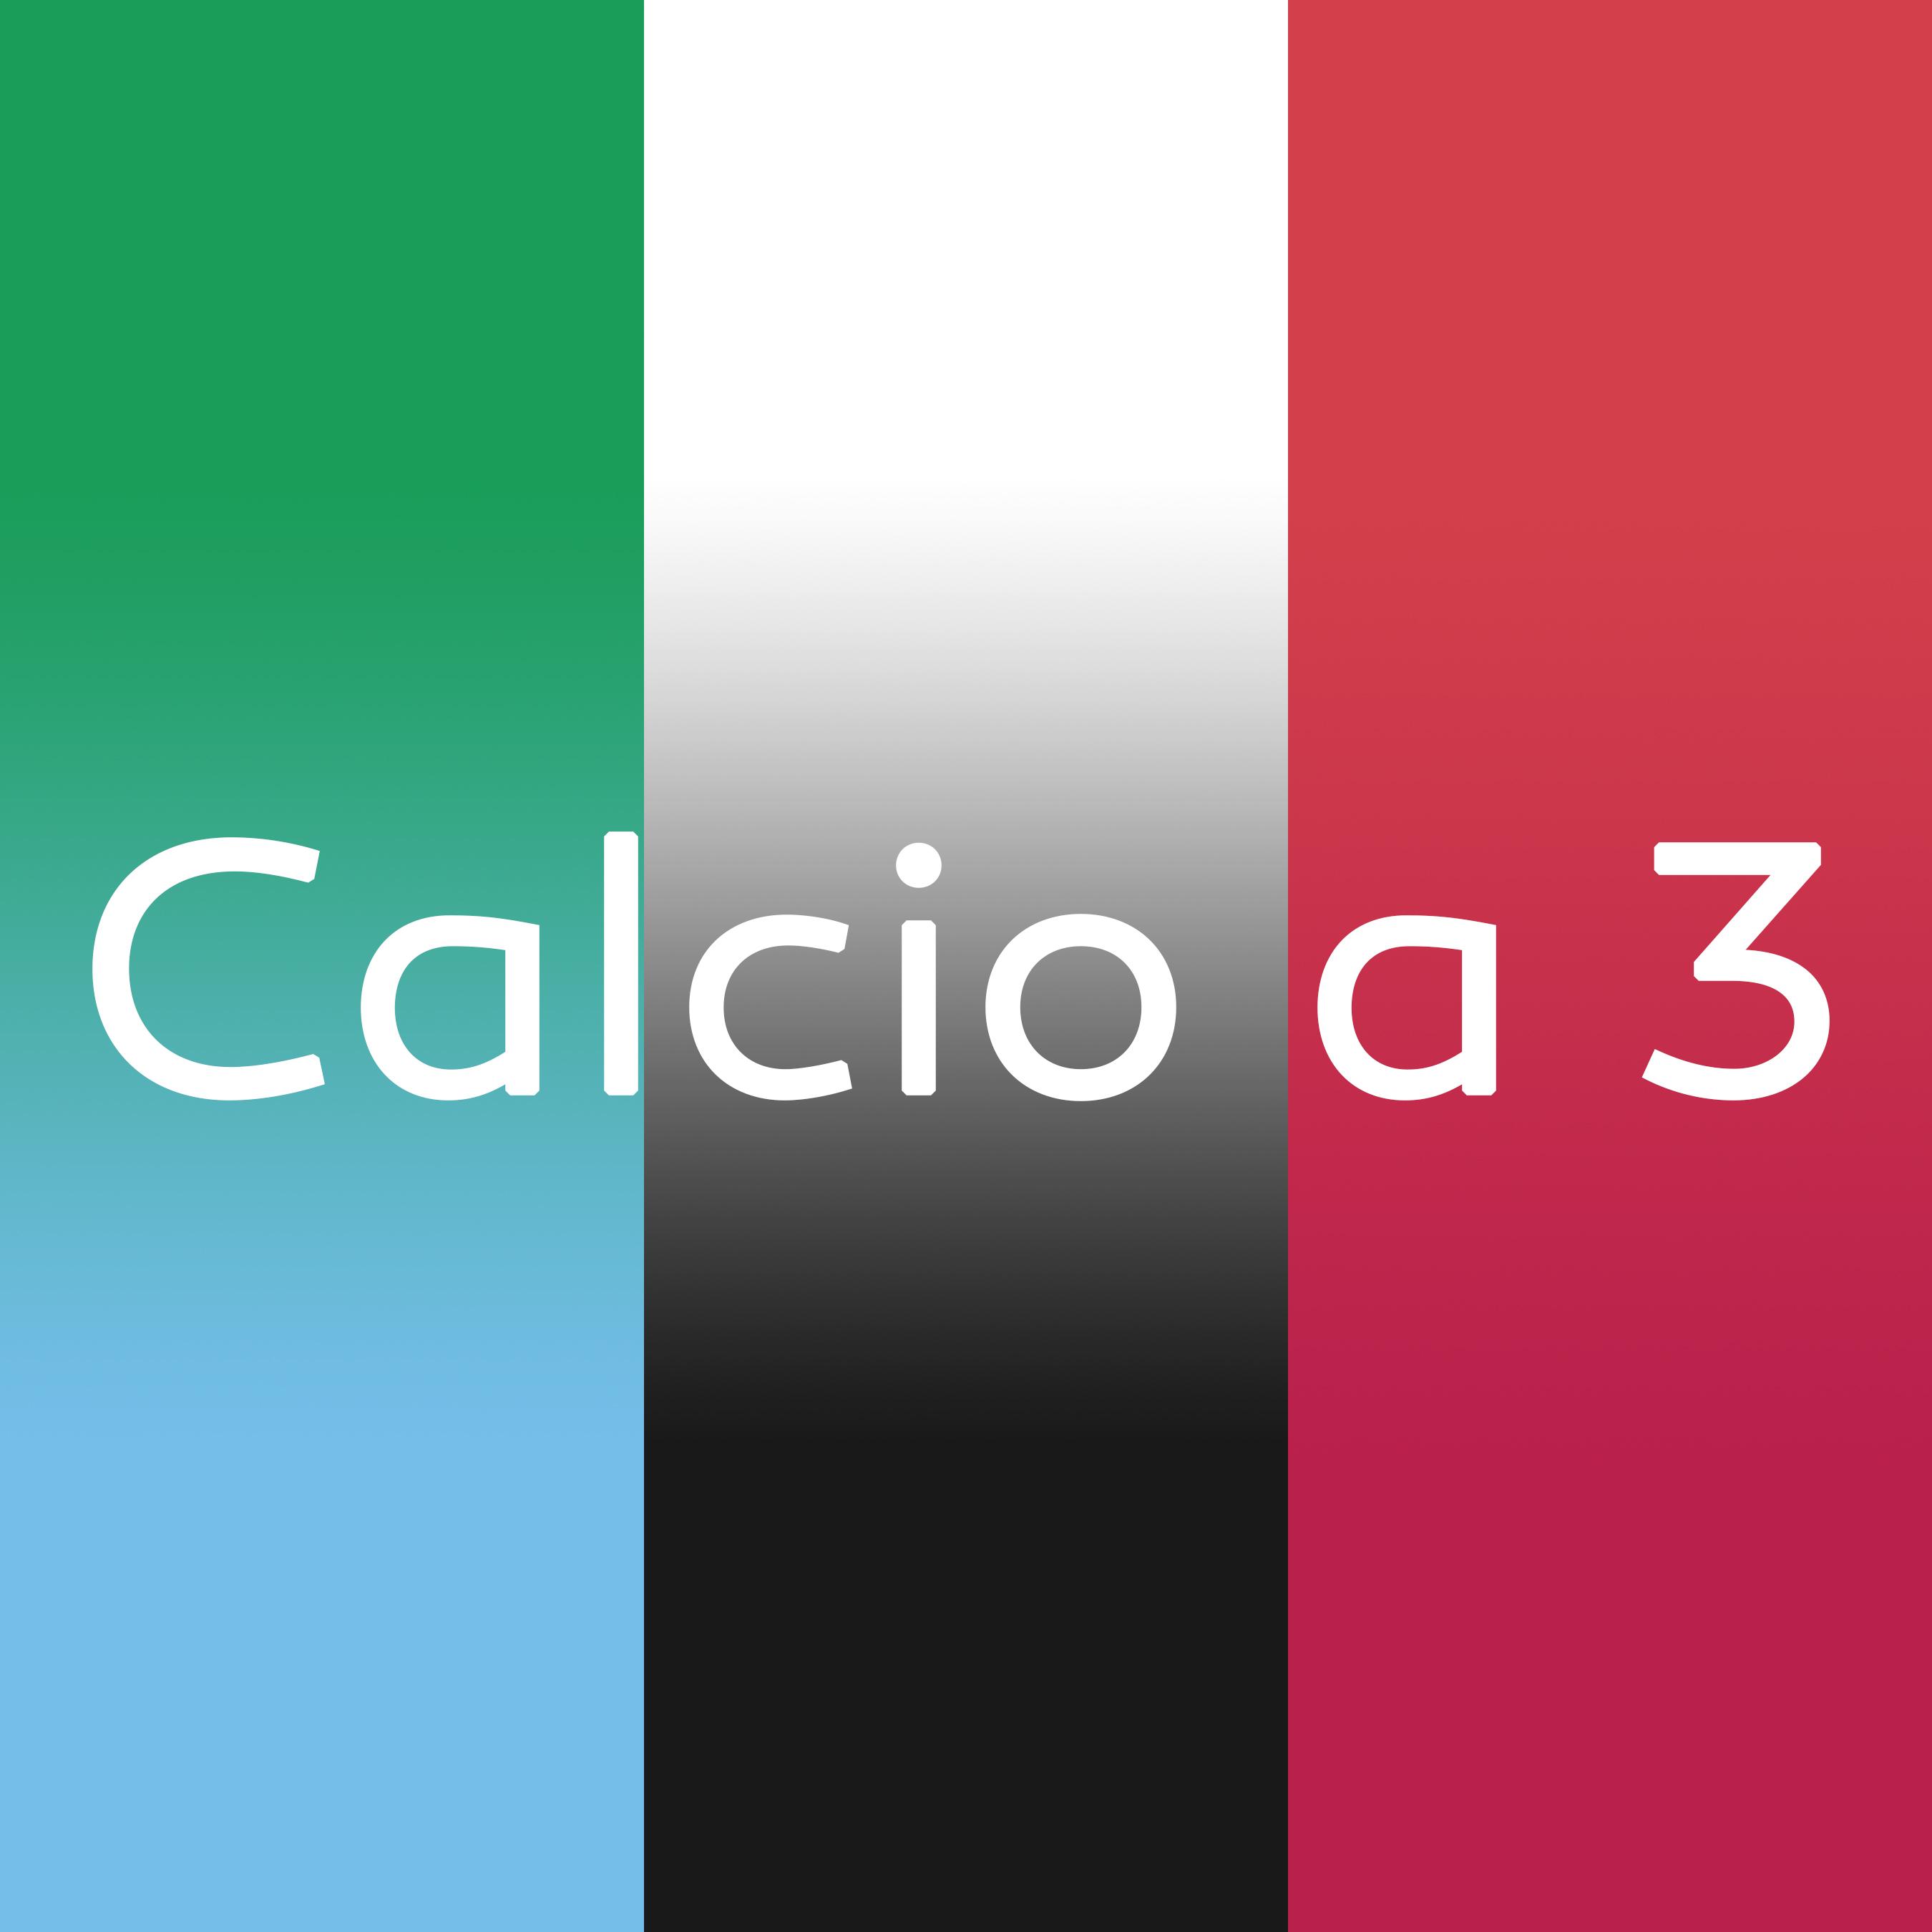 Calcio a 3